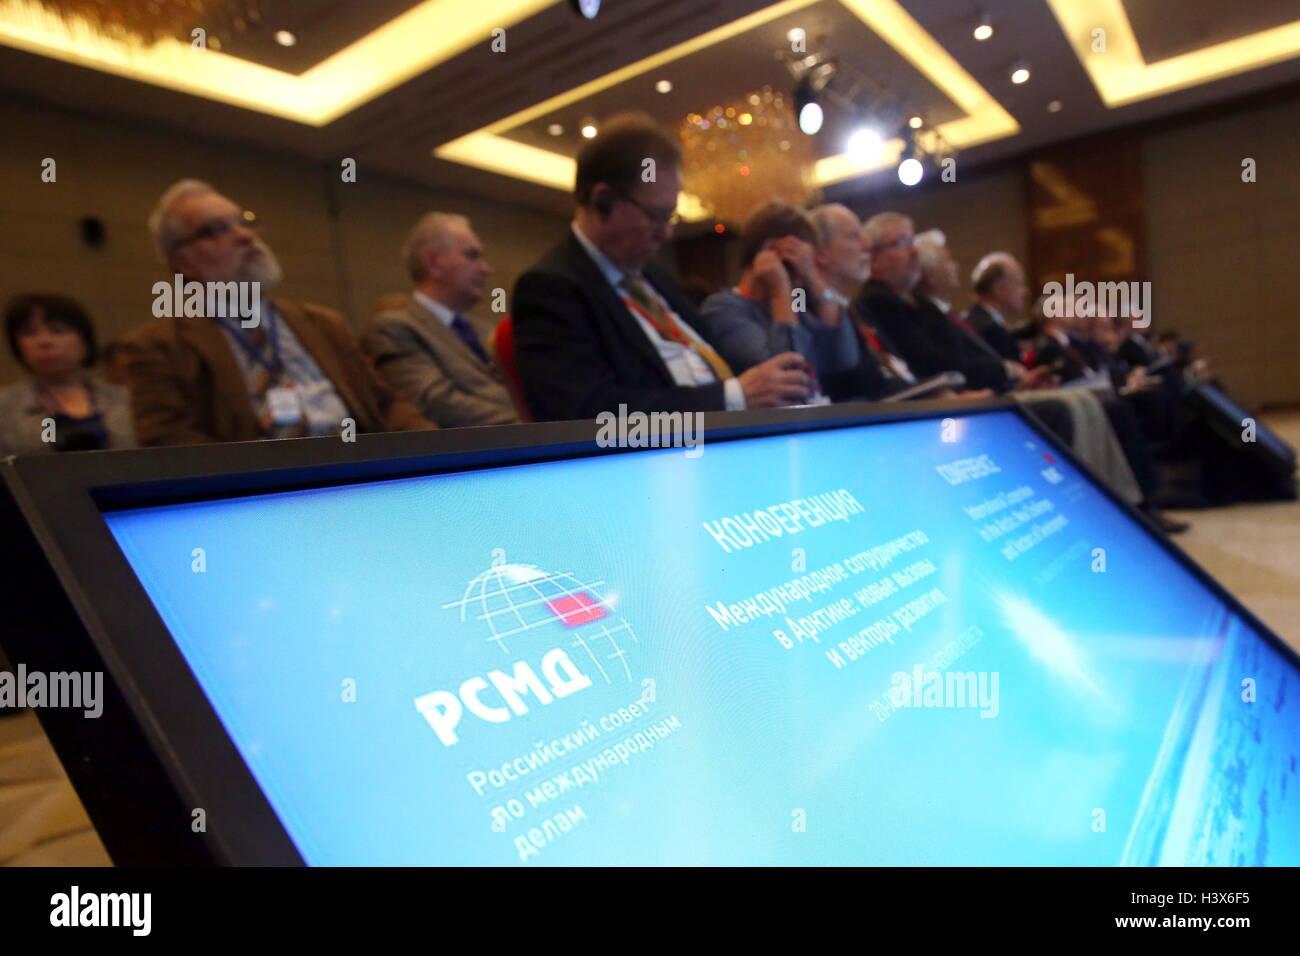 """Mosca, Russia. Xiii oct, 2016. Il Russo Consiglio affari internazionali organizza una conferenza intitolata """"Cooperazione Immagini Stock"""